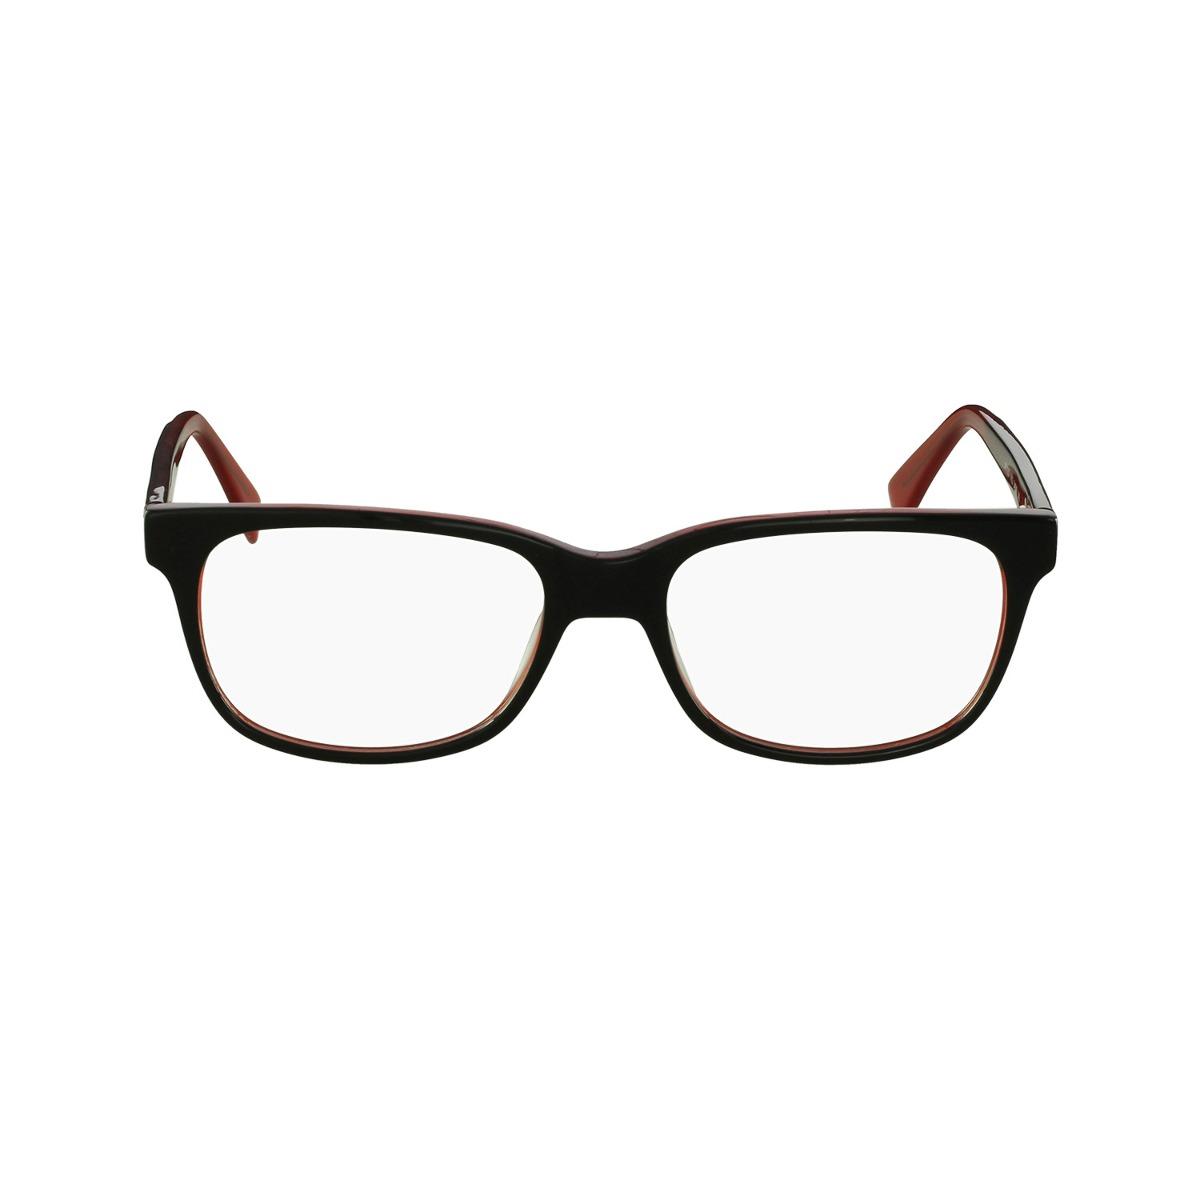 62f3747ba97dc Óculos De Grau Atitude Casual Preto - R  237,00 em Mercado Livre